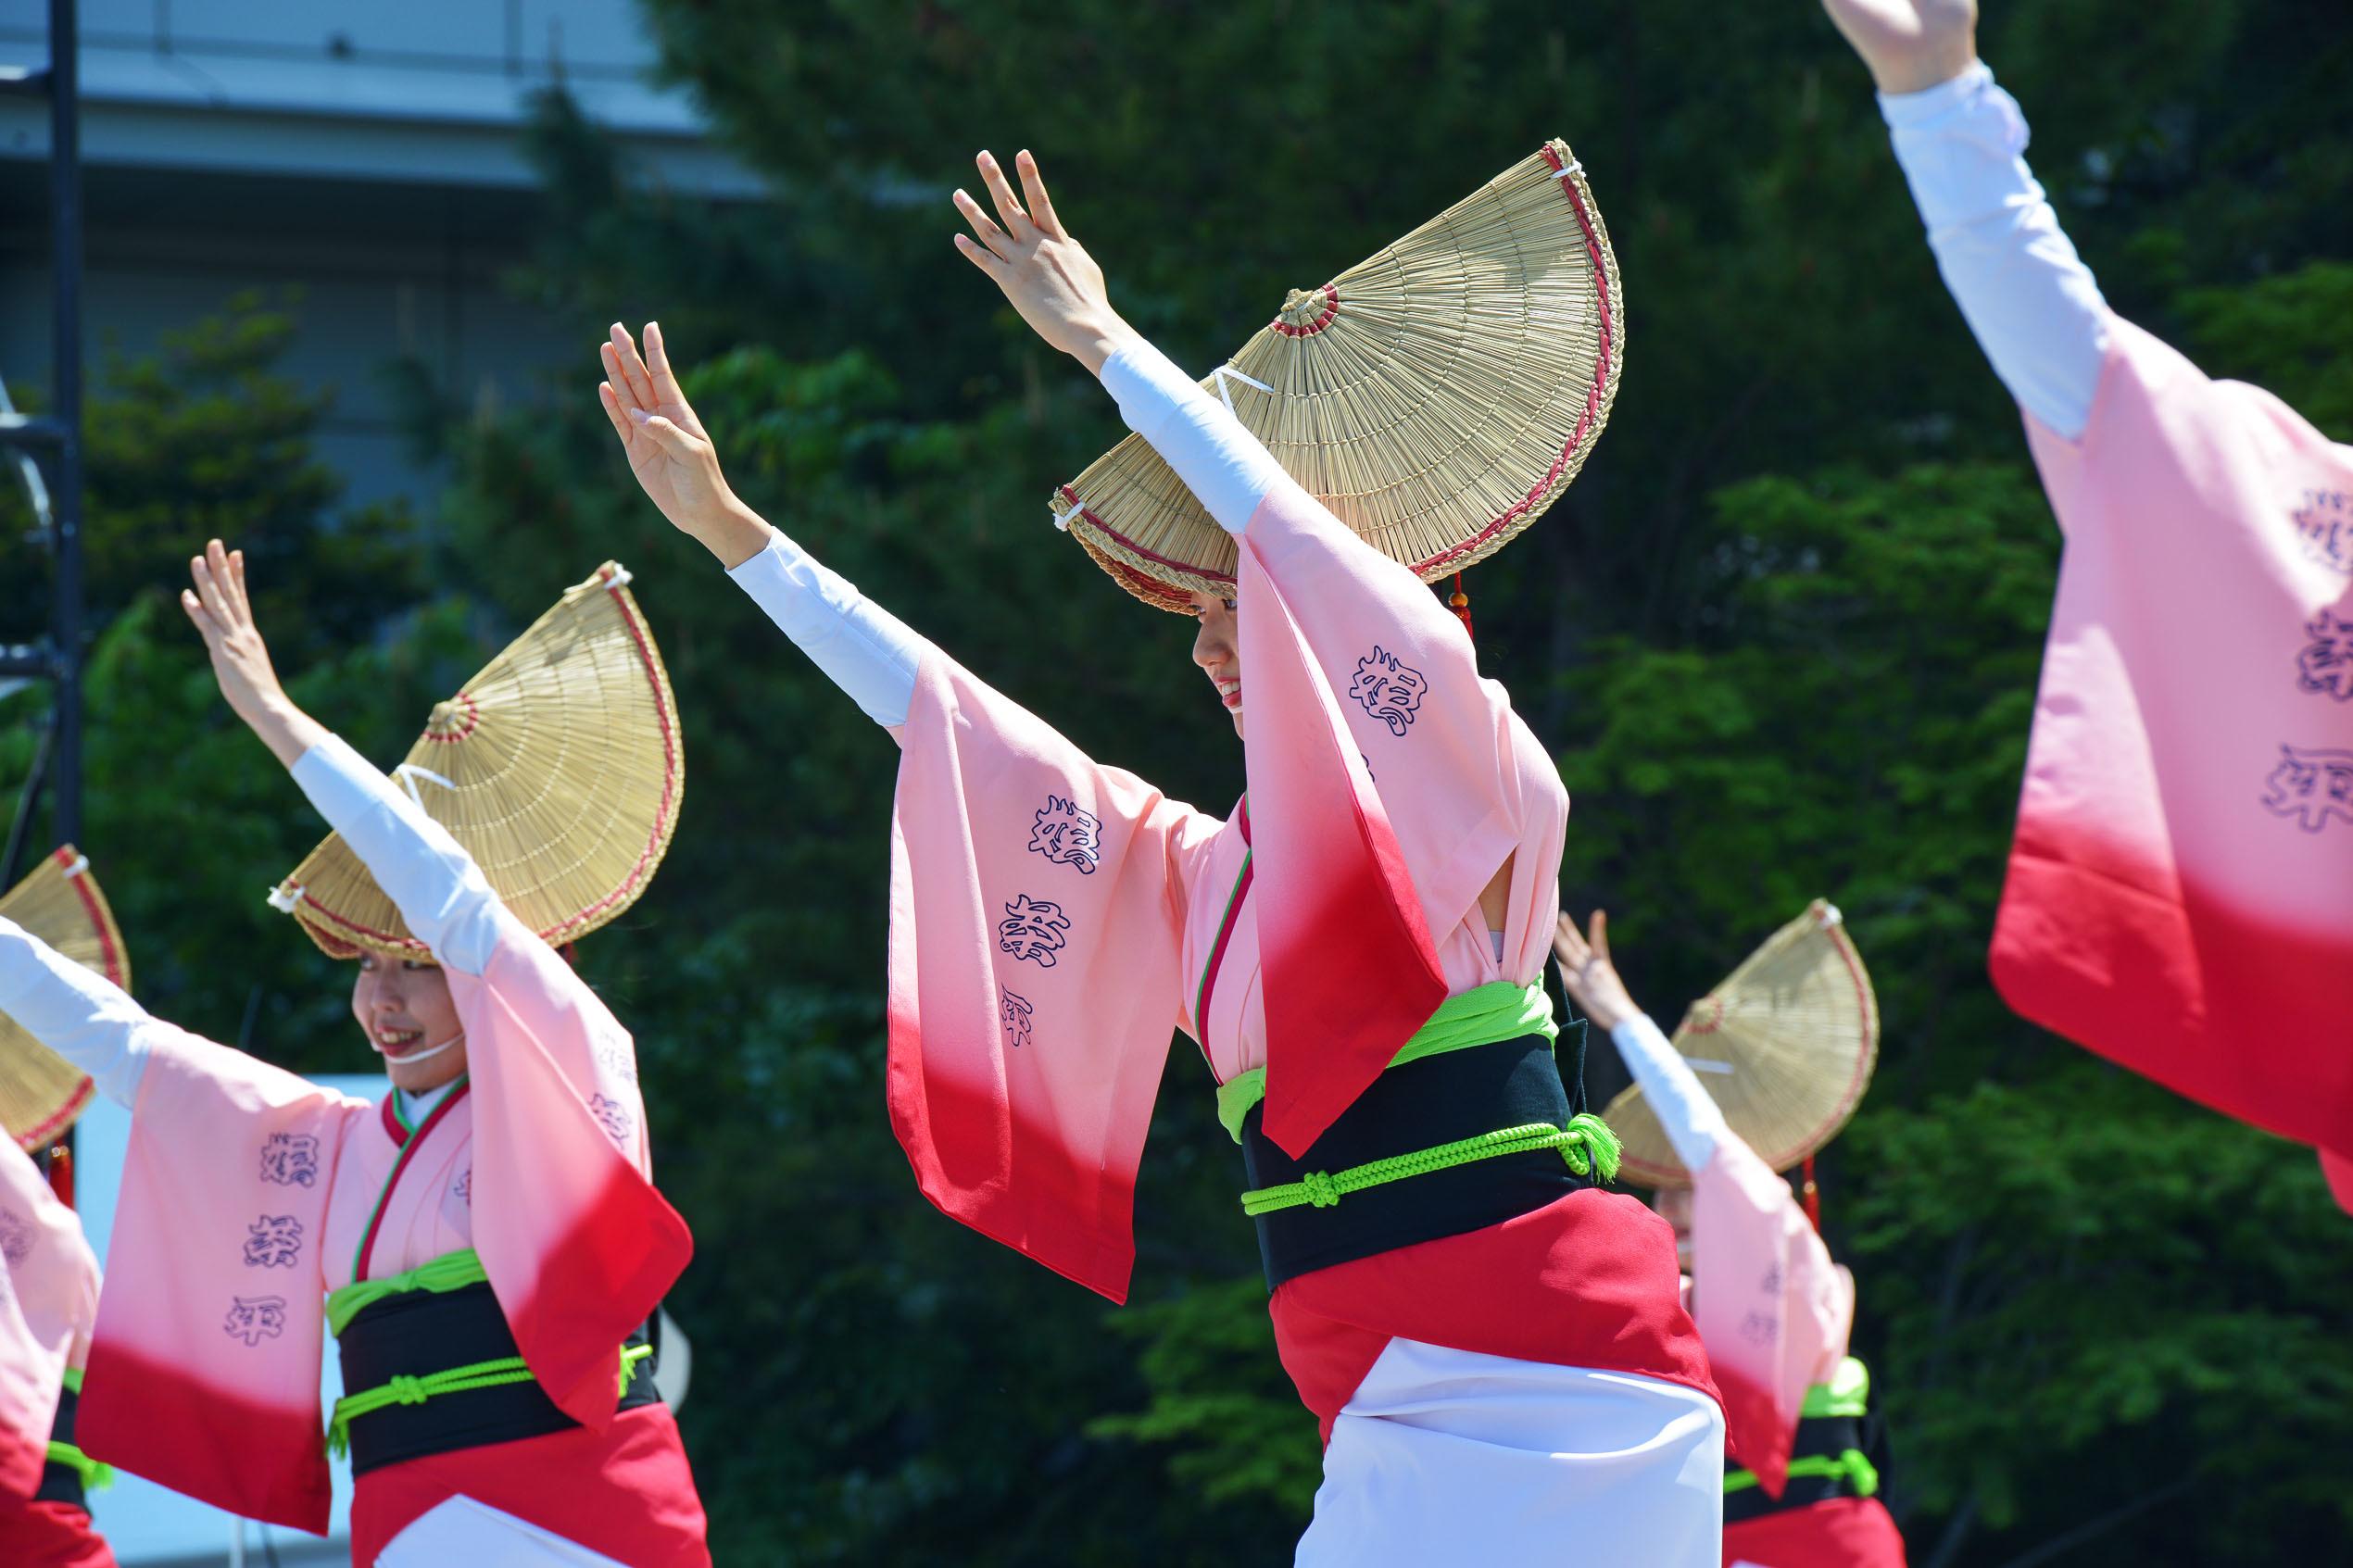 四国の祭り 2019 娯茶平  ①_d0246136_16552756.jpg